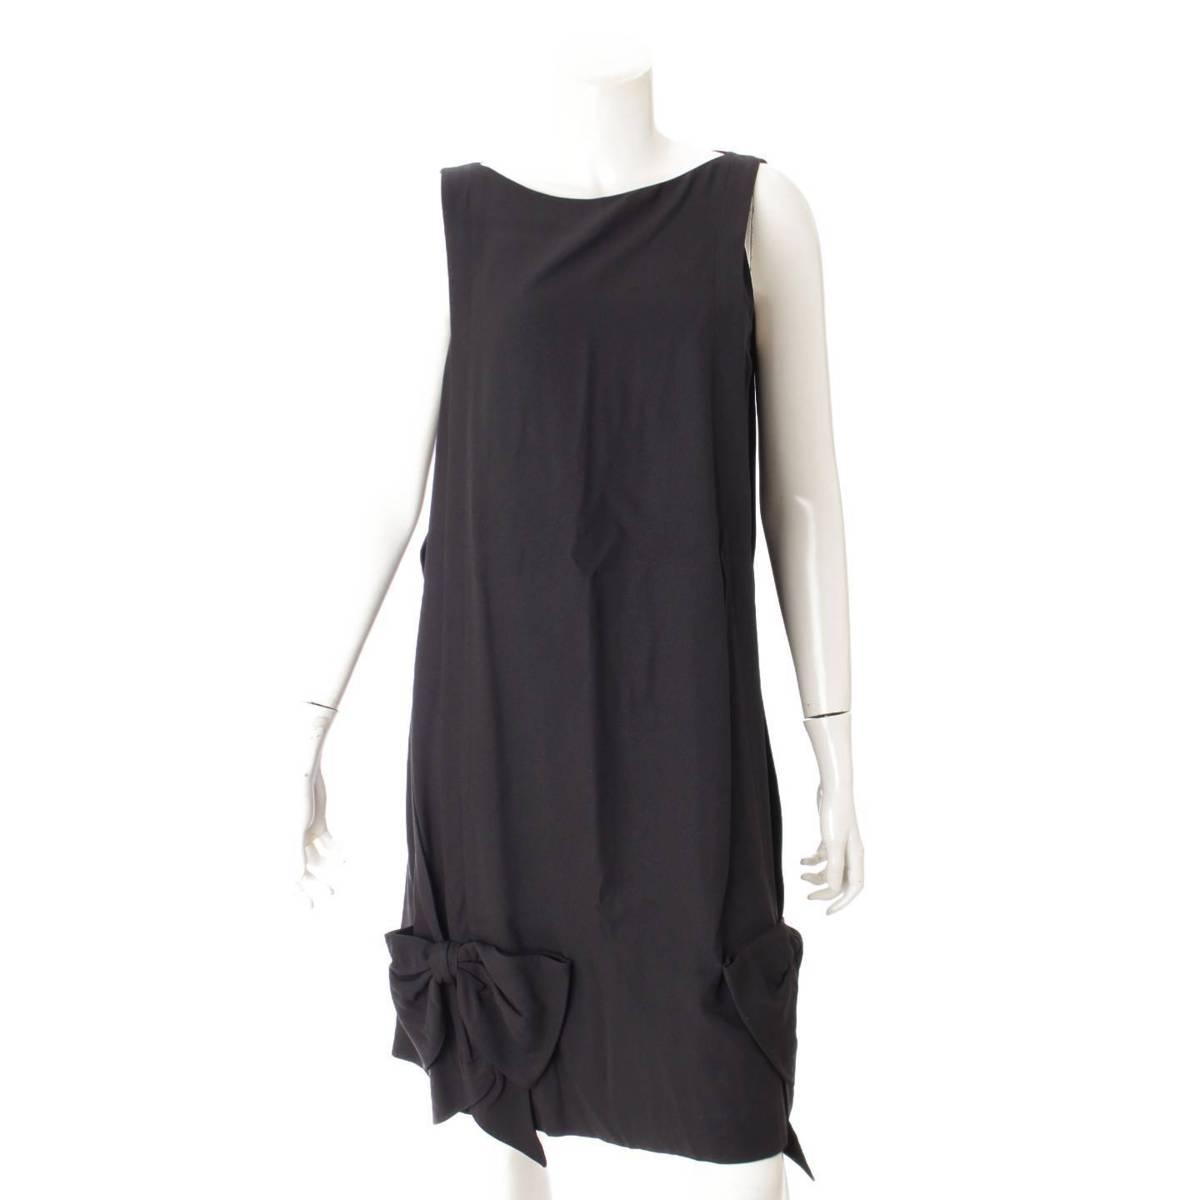 【プラダ】Prada 17年 ノースリーブ 裾リボン ワンピース ブラック 42 【中古】【鑑定済・正規品保証】87768